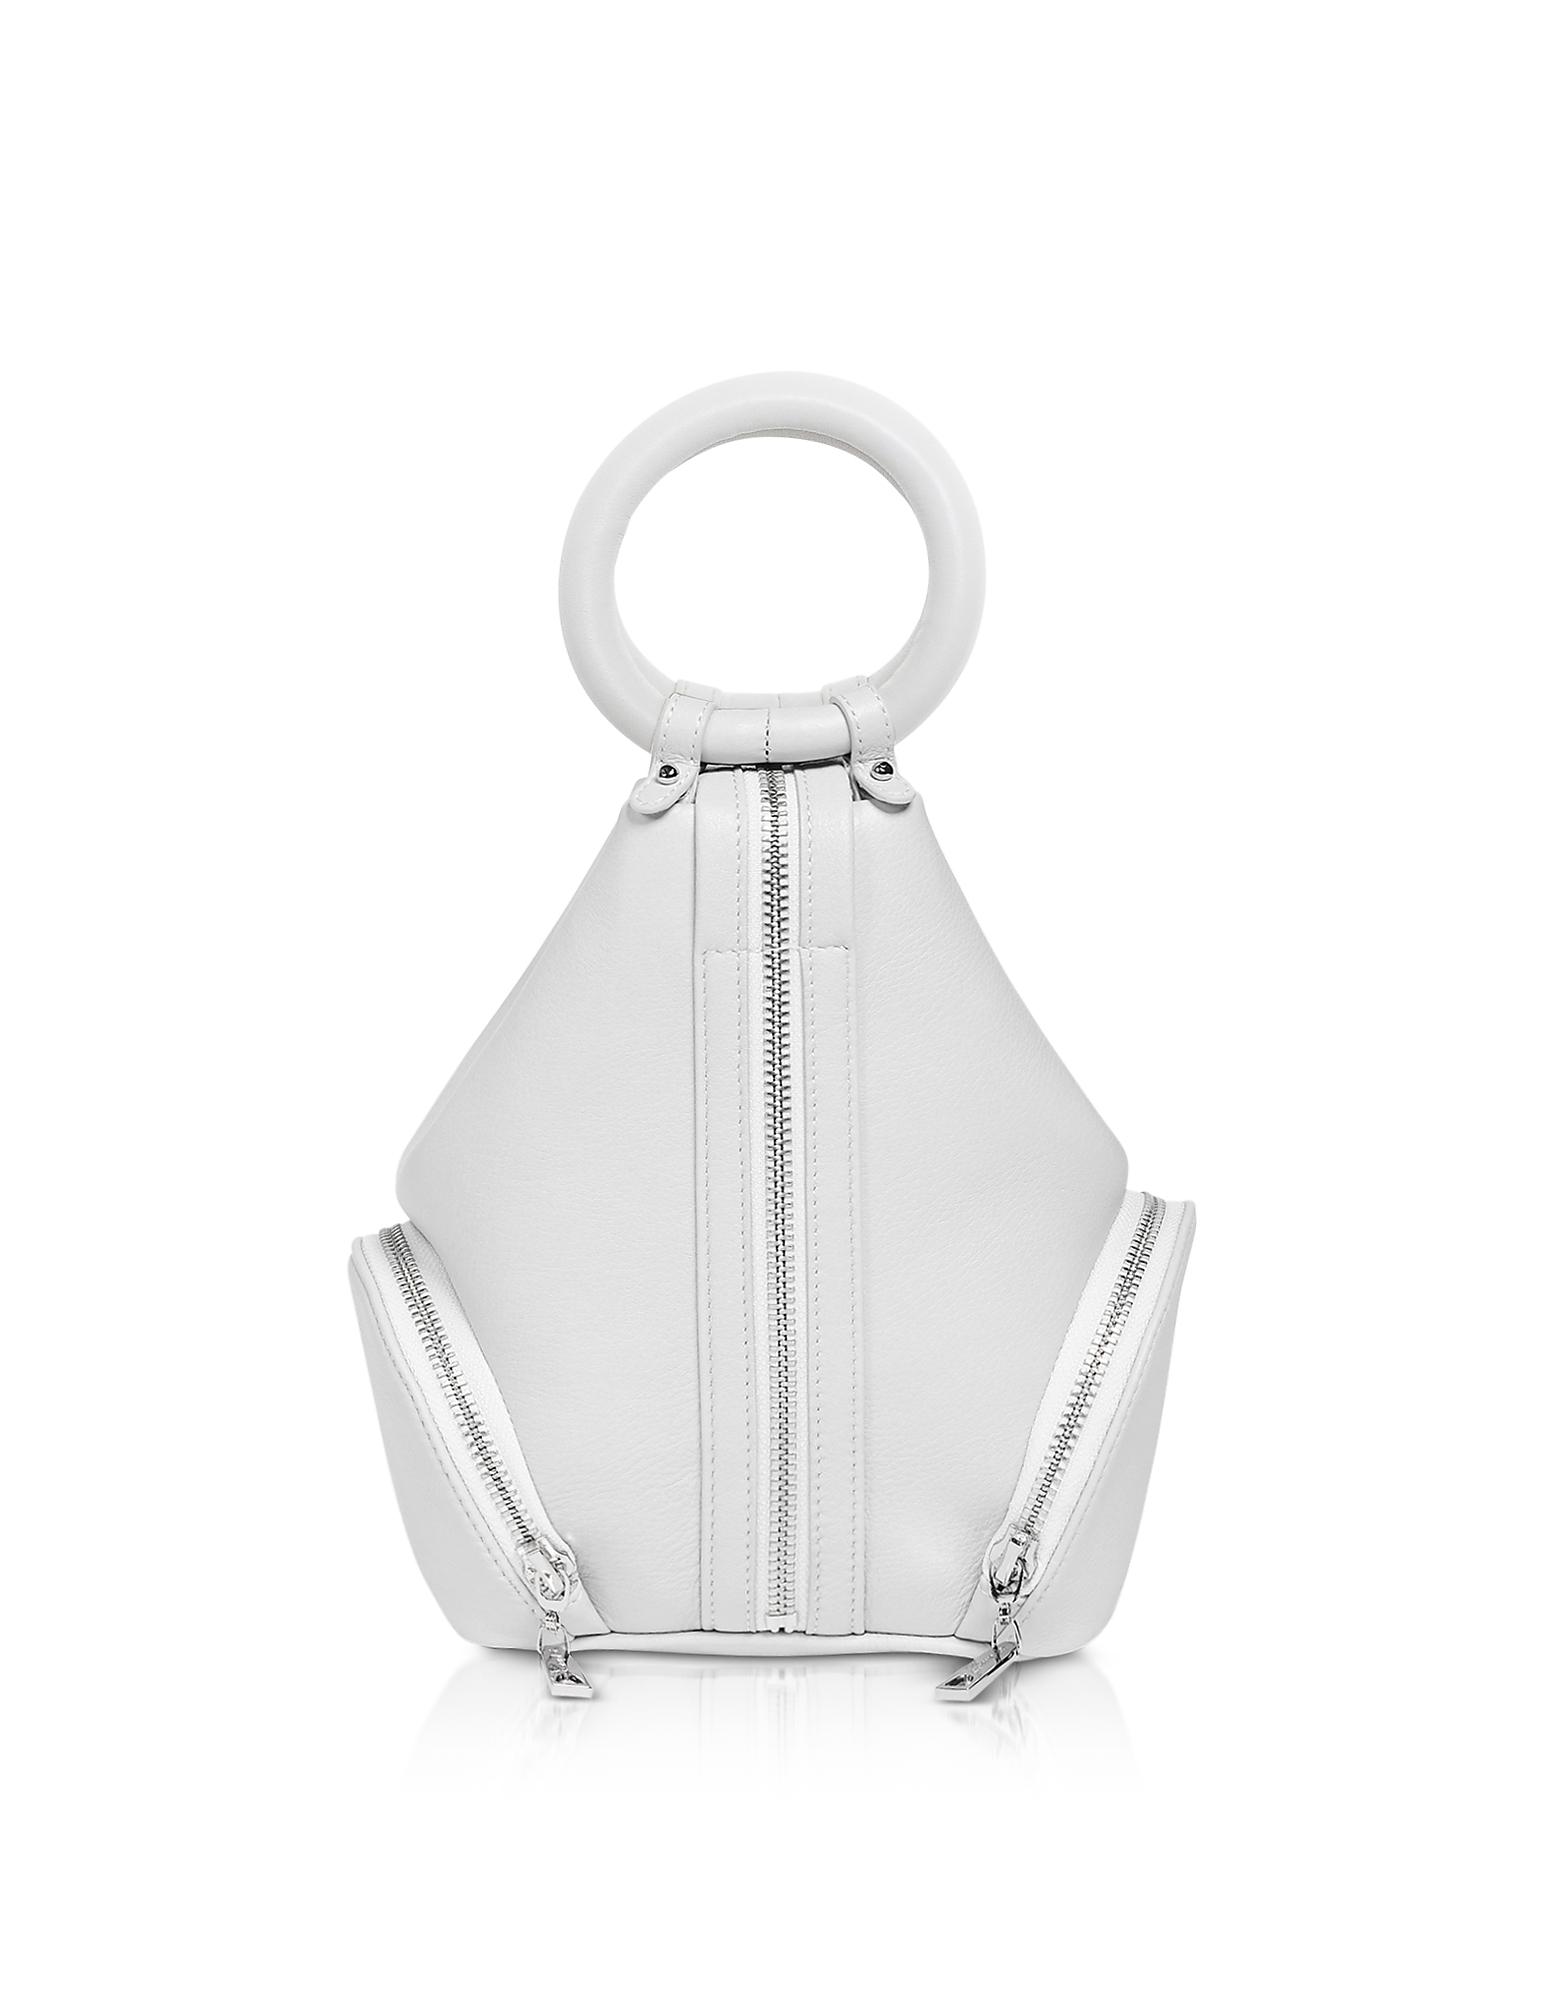 Eve Micro Bag in Pelle Ecru